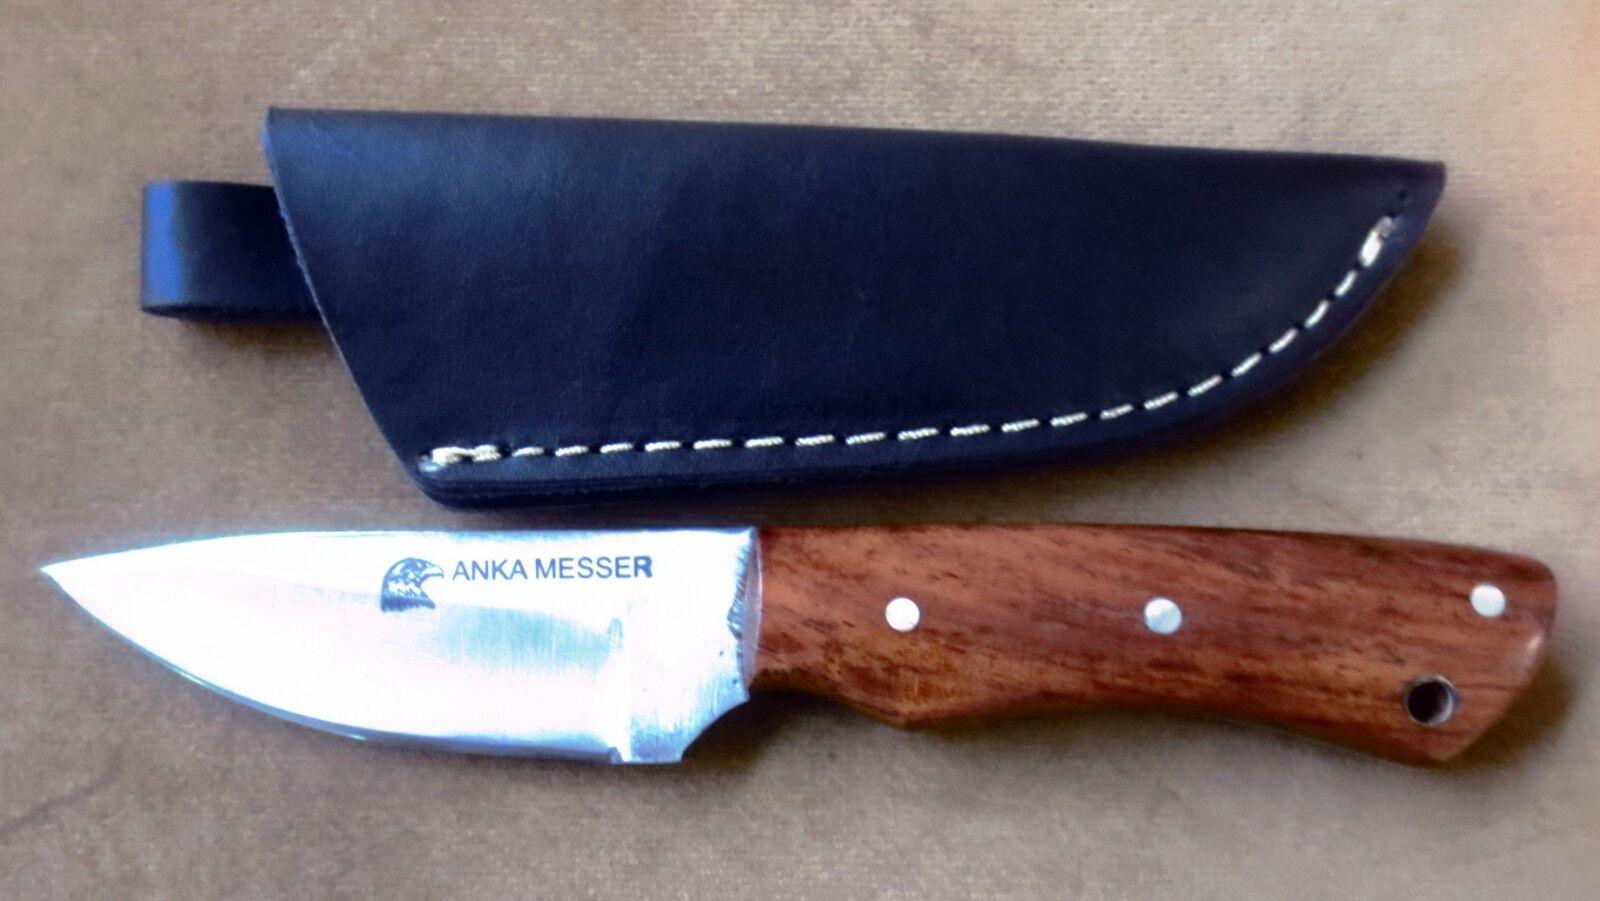 ANKA Messer, Damast -Jagdmesser Taschenmesser.